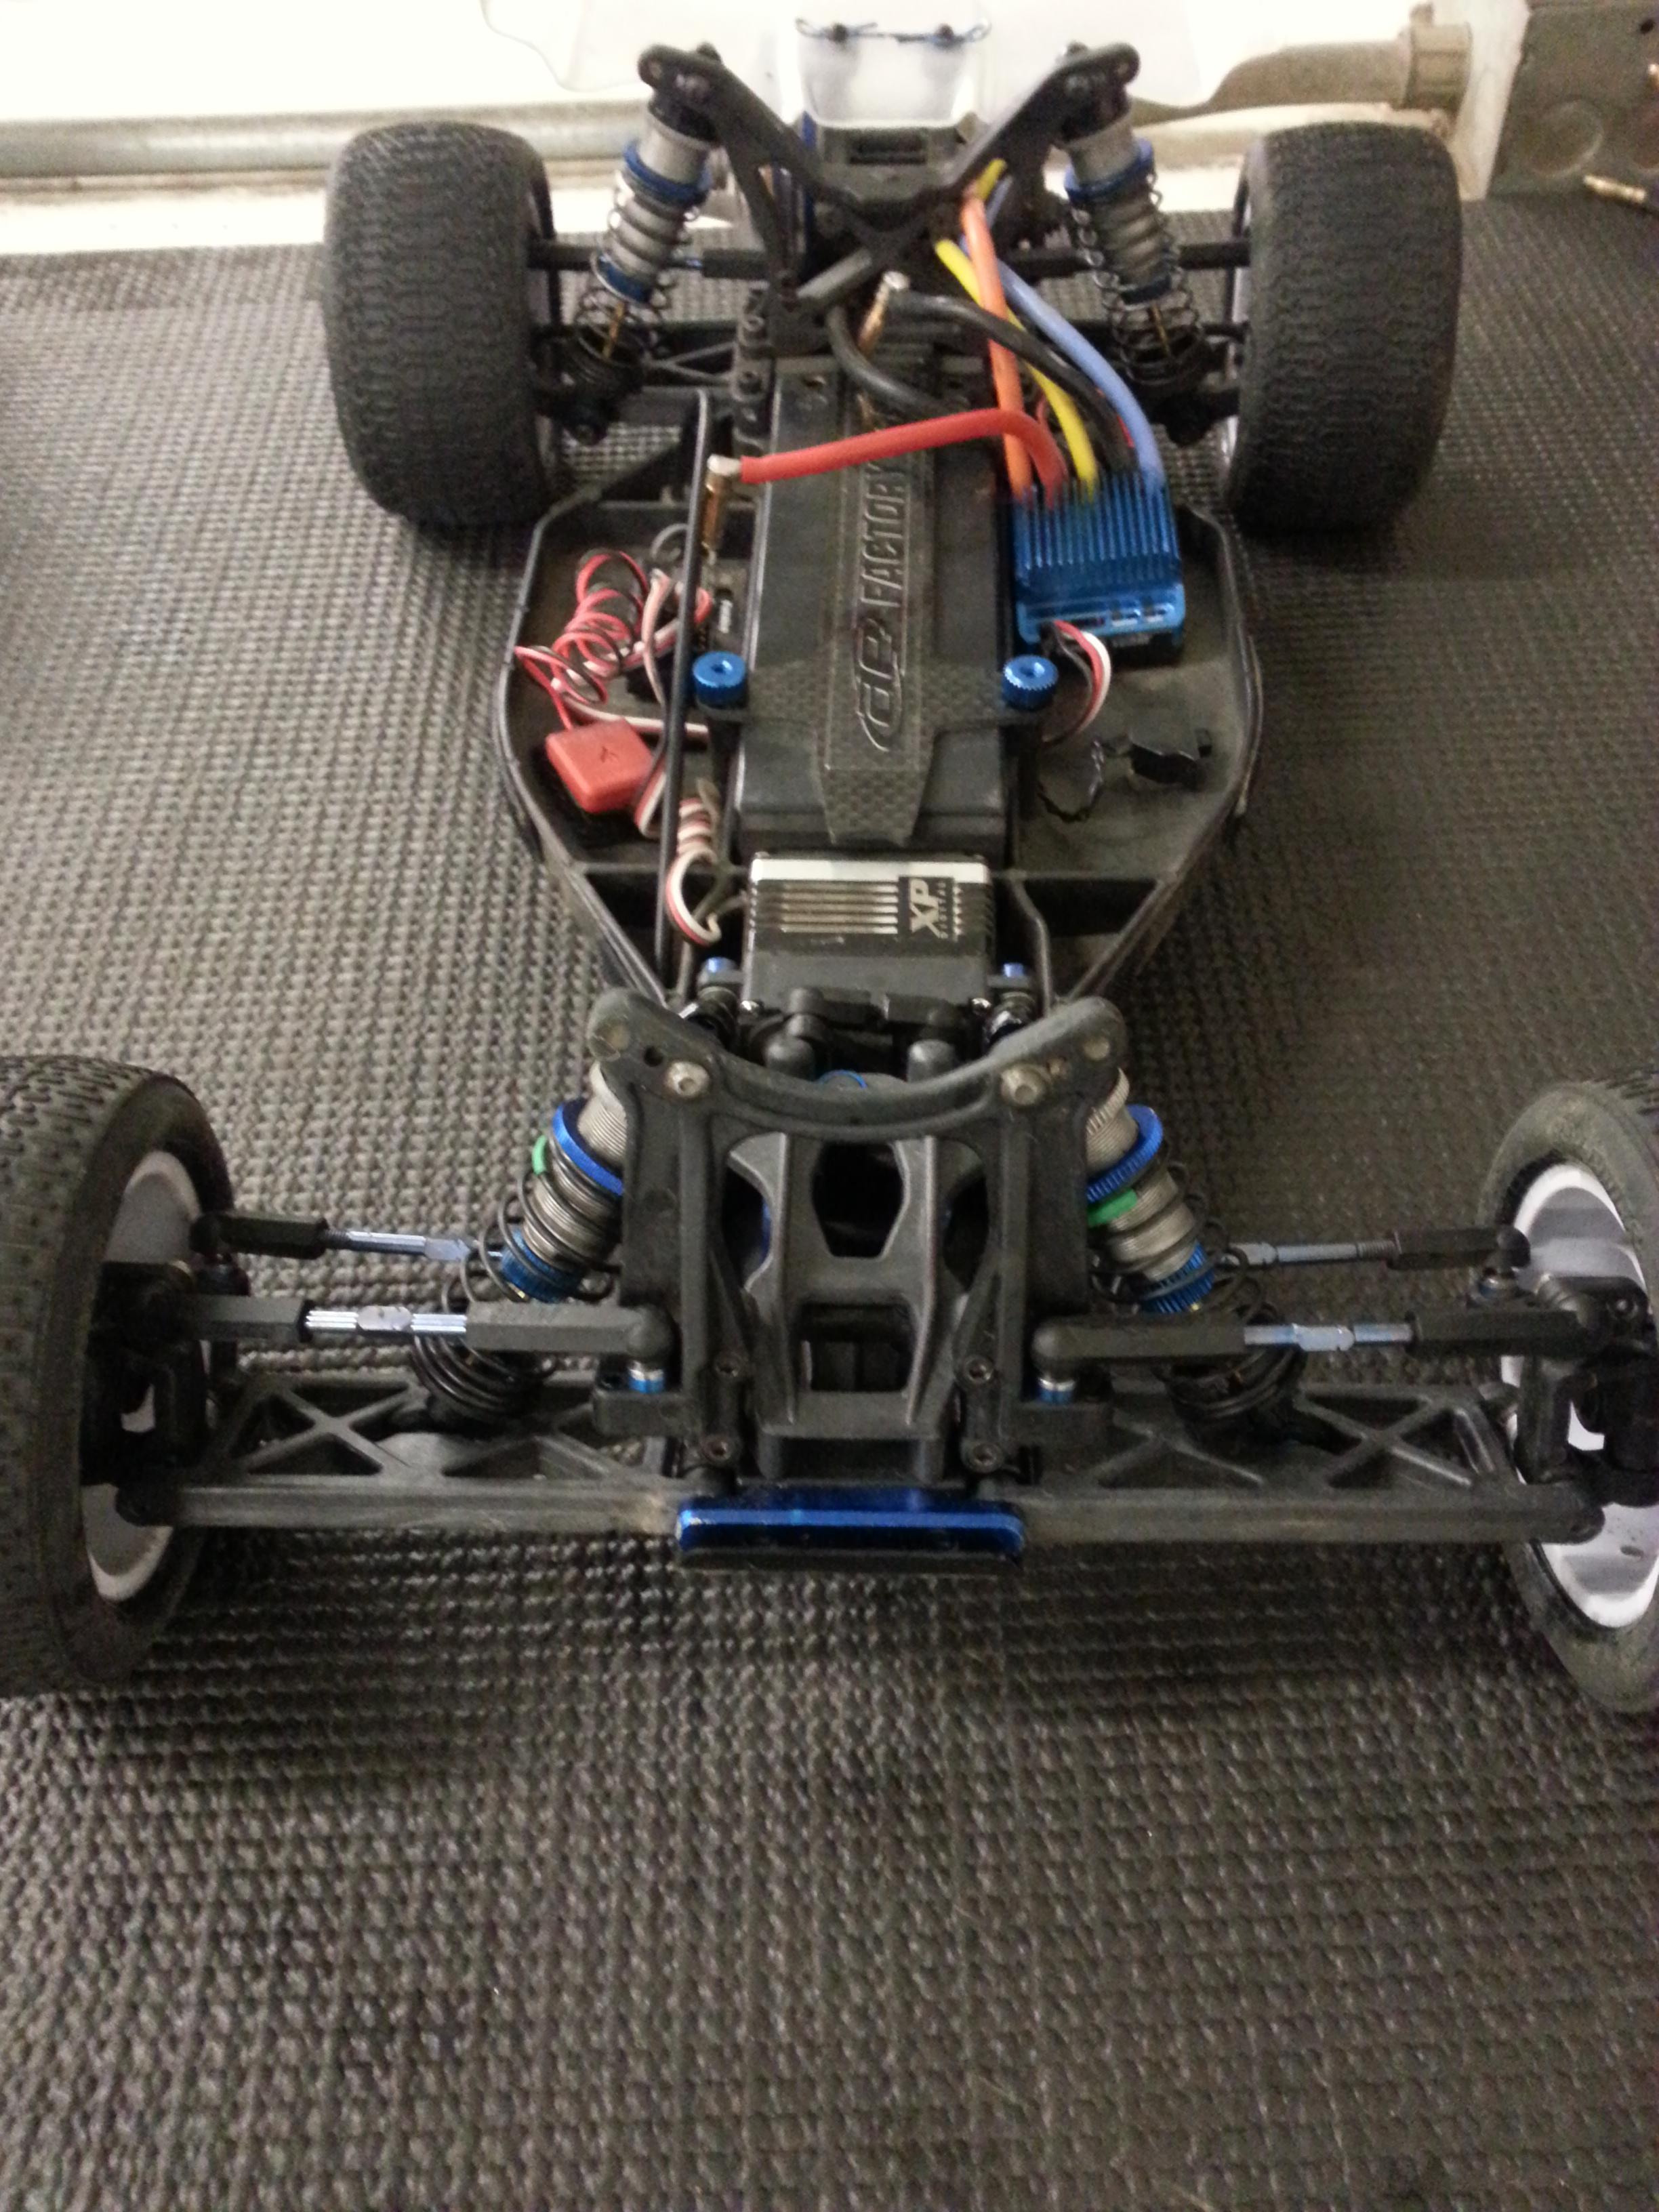 B4 2 Setup and Tacoma RC Raceway Tuesday Aug 13 2013